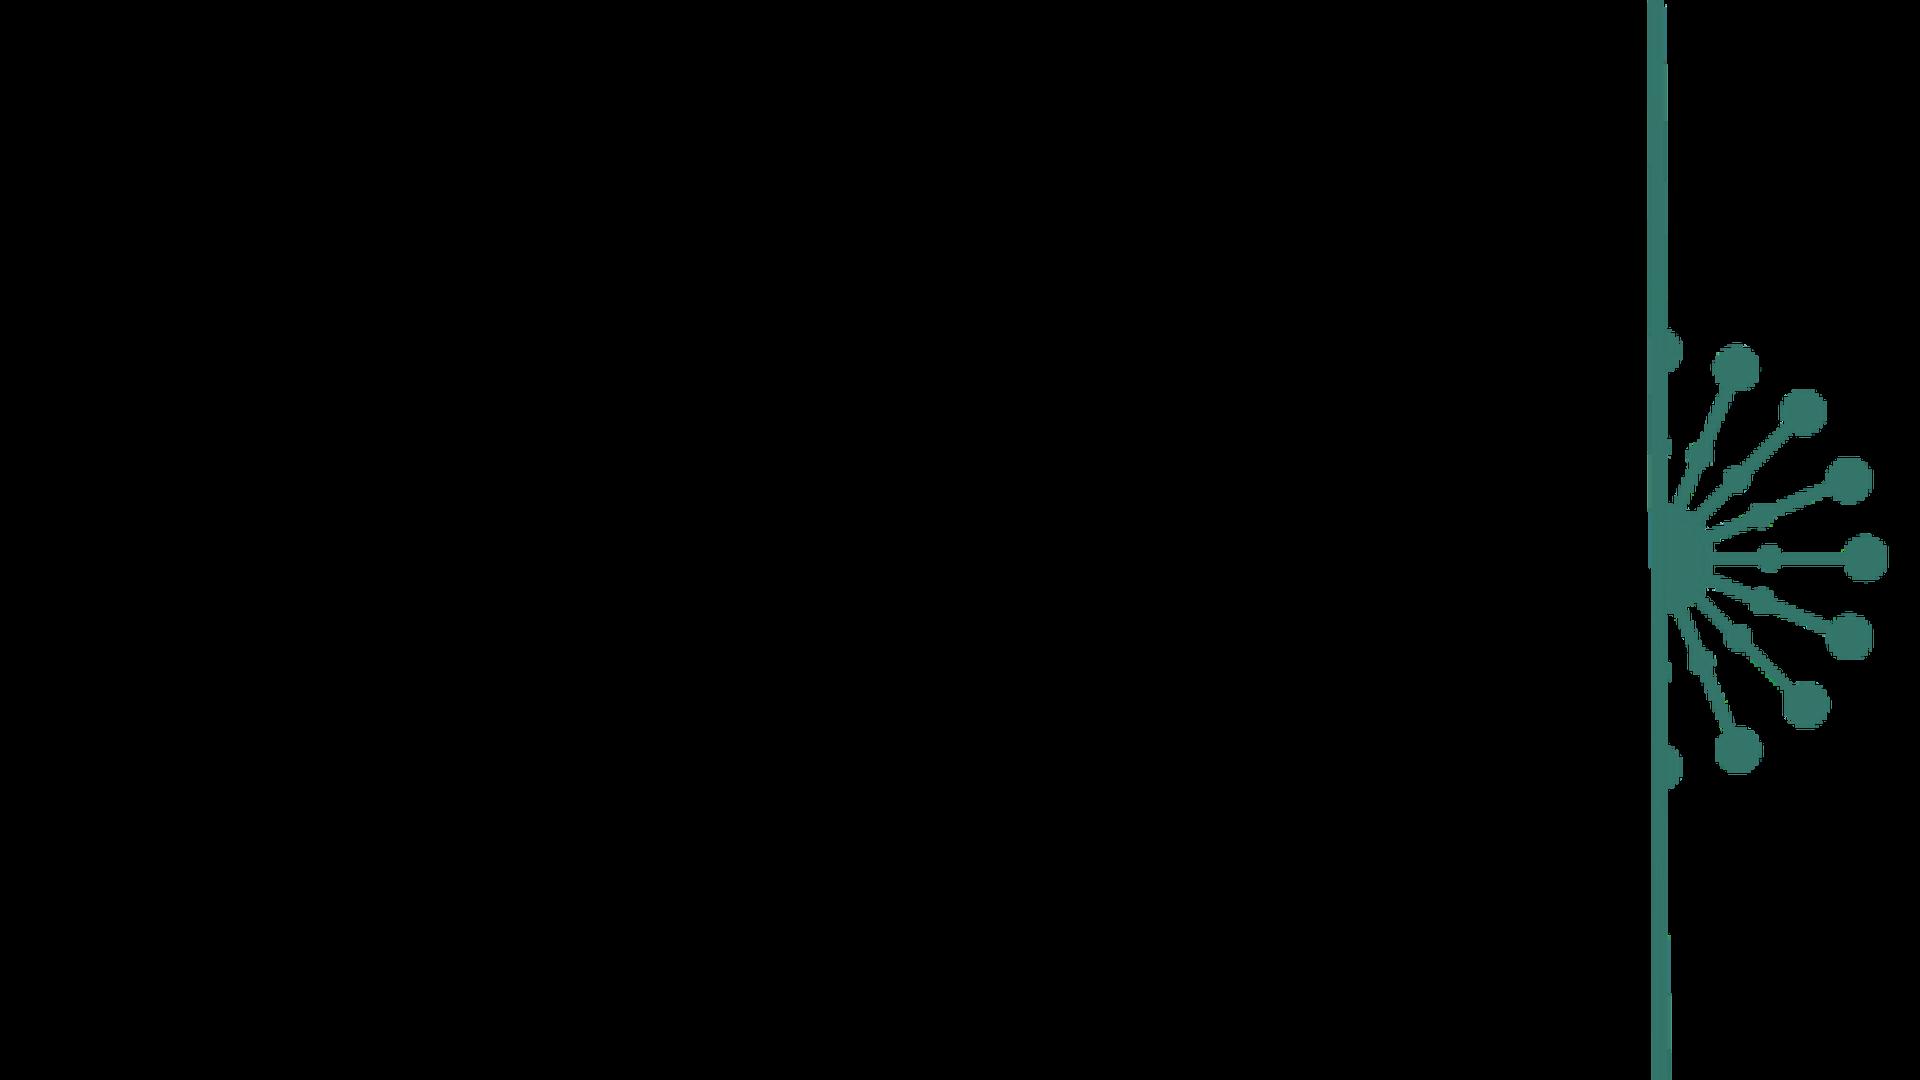 Online style course, Style education, The Style Shop by Sandi Mele, Style Shop Denver, Denver personal stylist, Denver image consultant, Denver wardrobe consultant, Denver wardrobe stylist, Denver fashion stylist, Denver style consultant, Denver personal shopper, Denver style expert, personal styling services